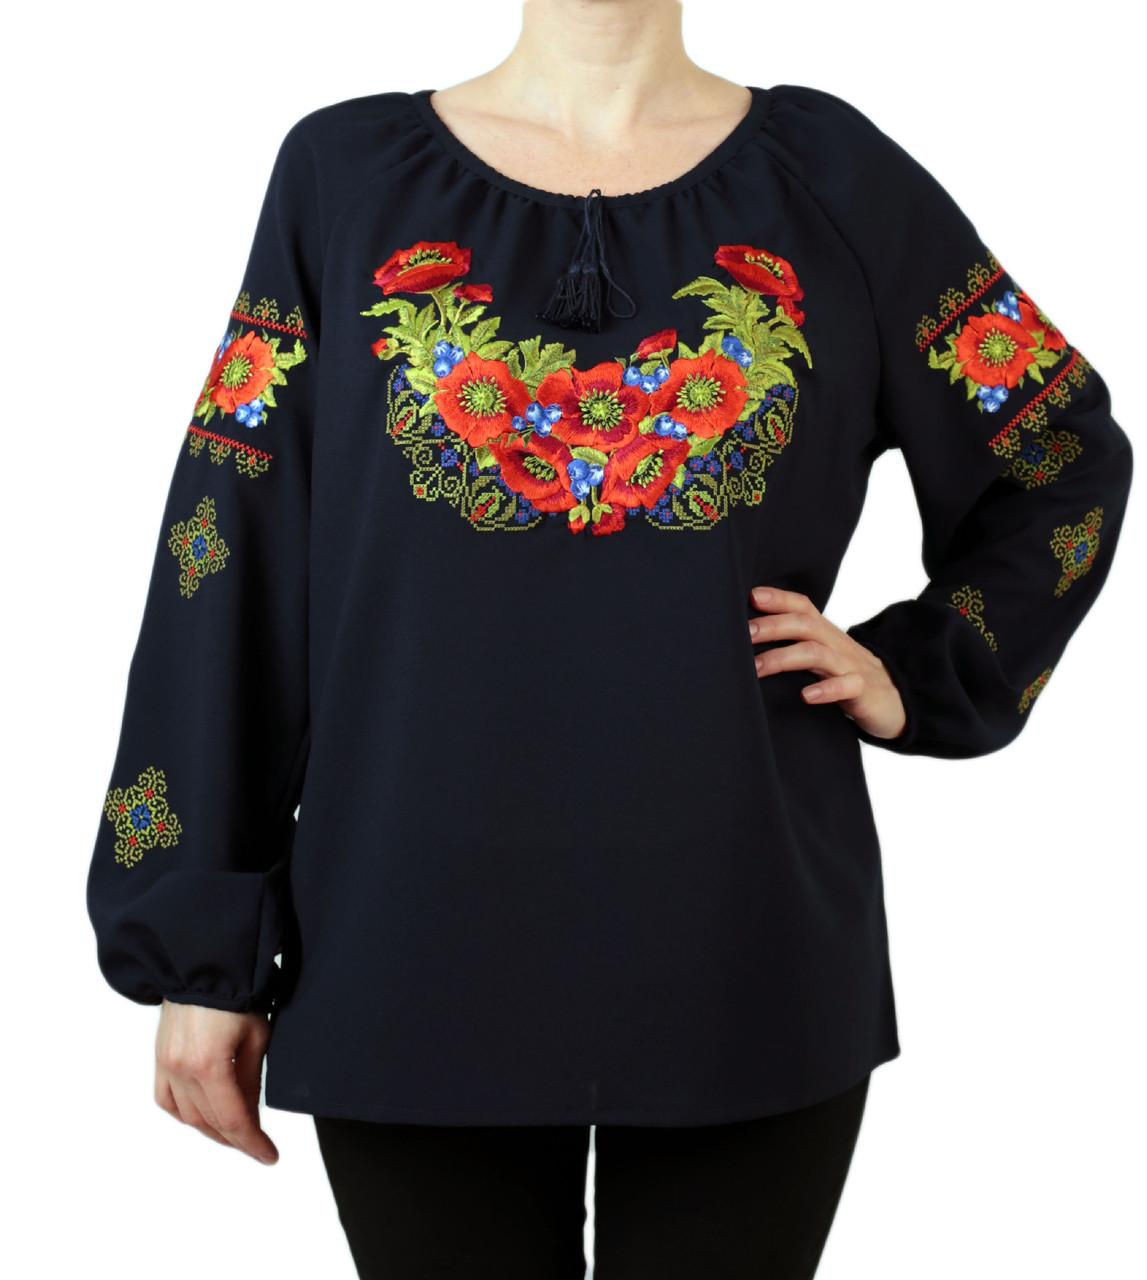 14471cb319b Жіноча шифонова блузка темно-синього кольору з етнічним орнаментом недорого